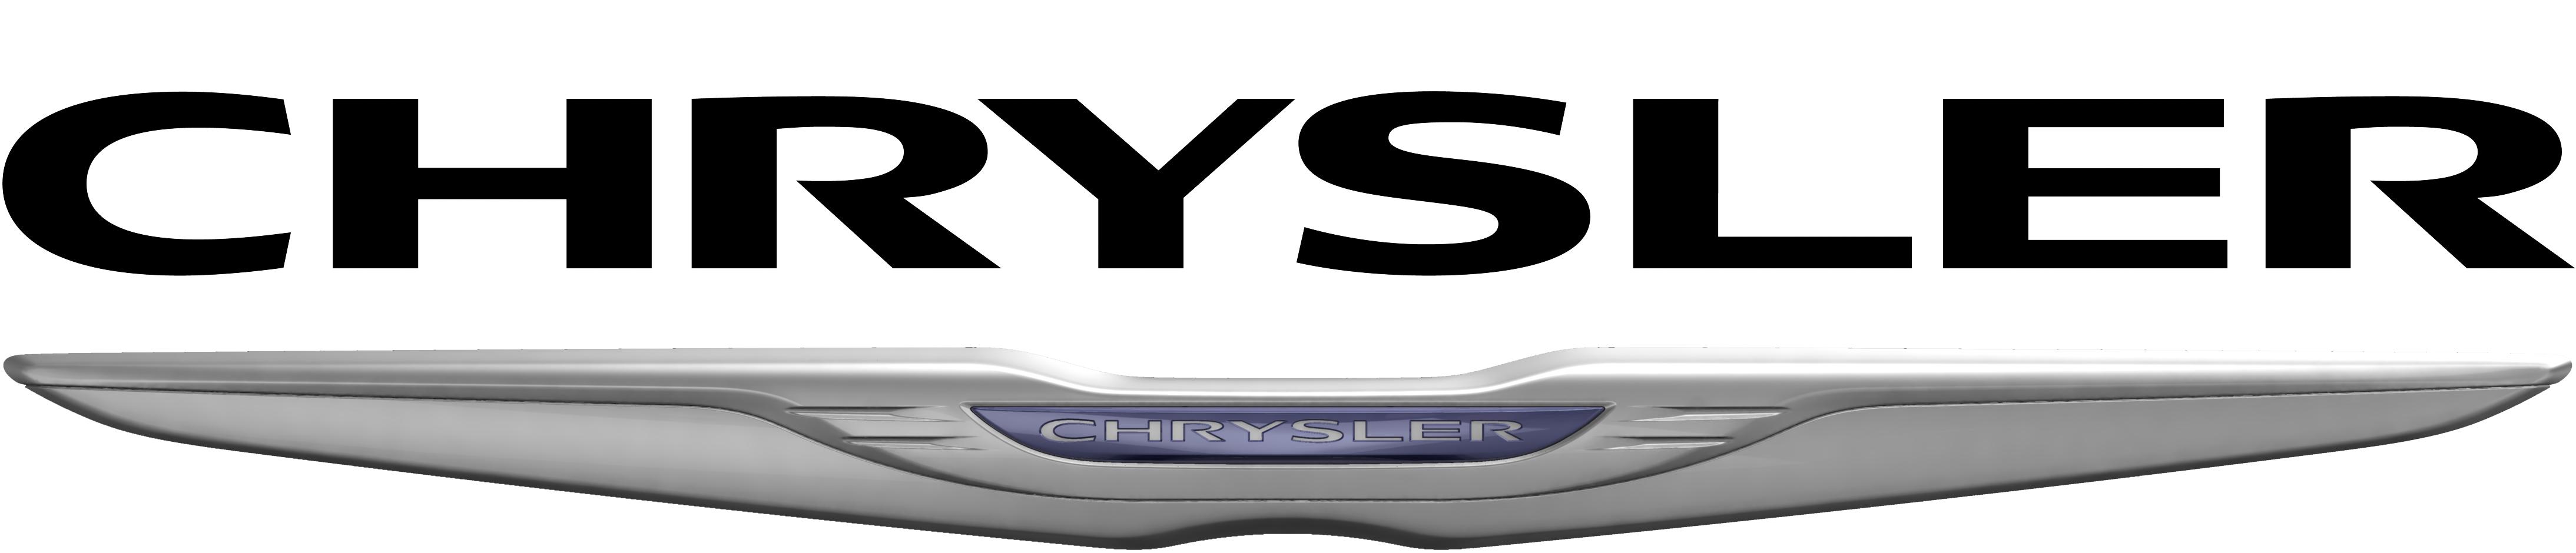 Chrystler Logo